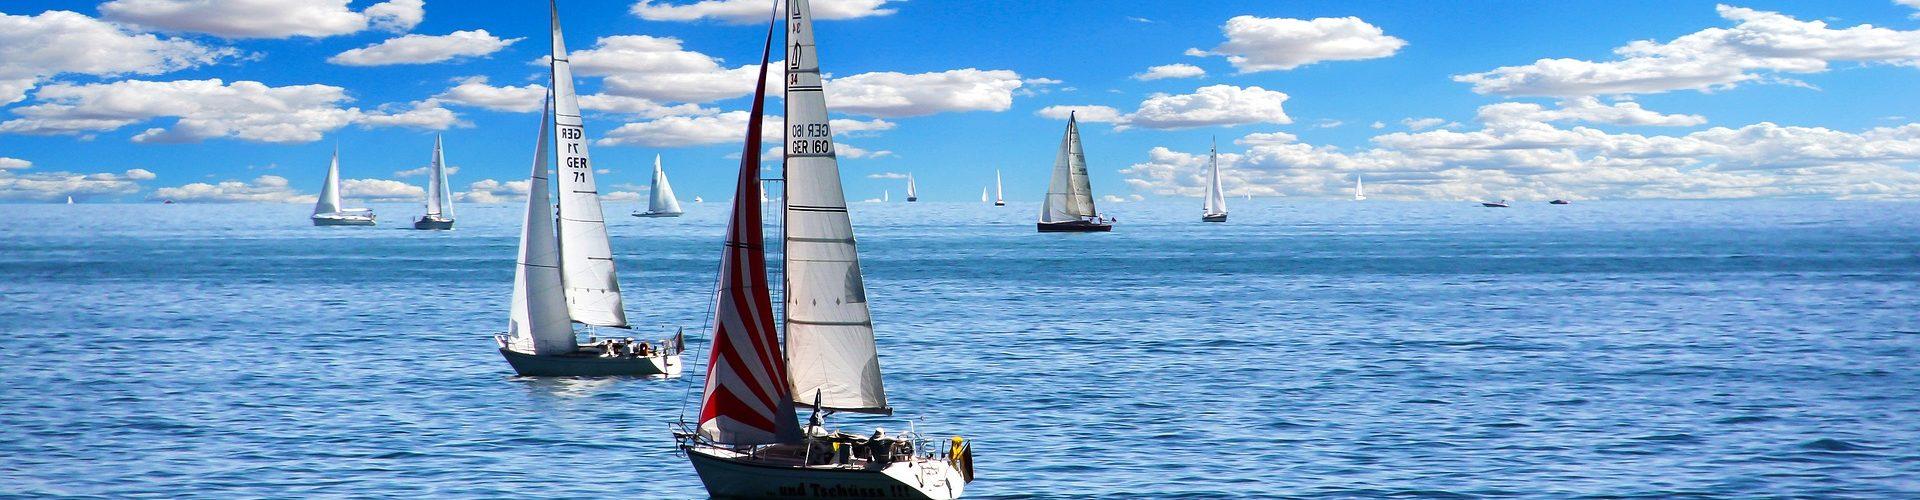 segeln lernen in Keltern segelschein machen in Keltern 1920x500 - Segeln lernen in Keltern